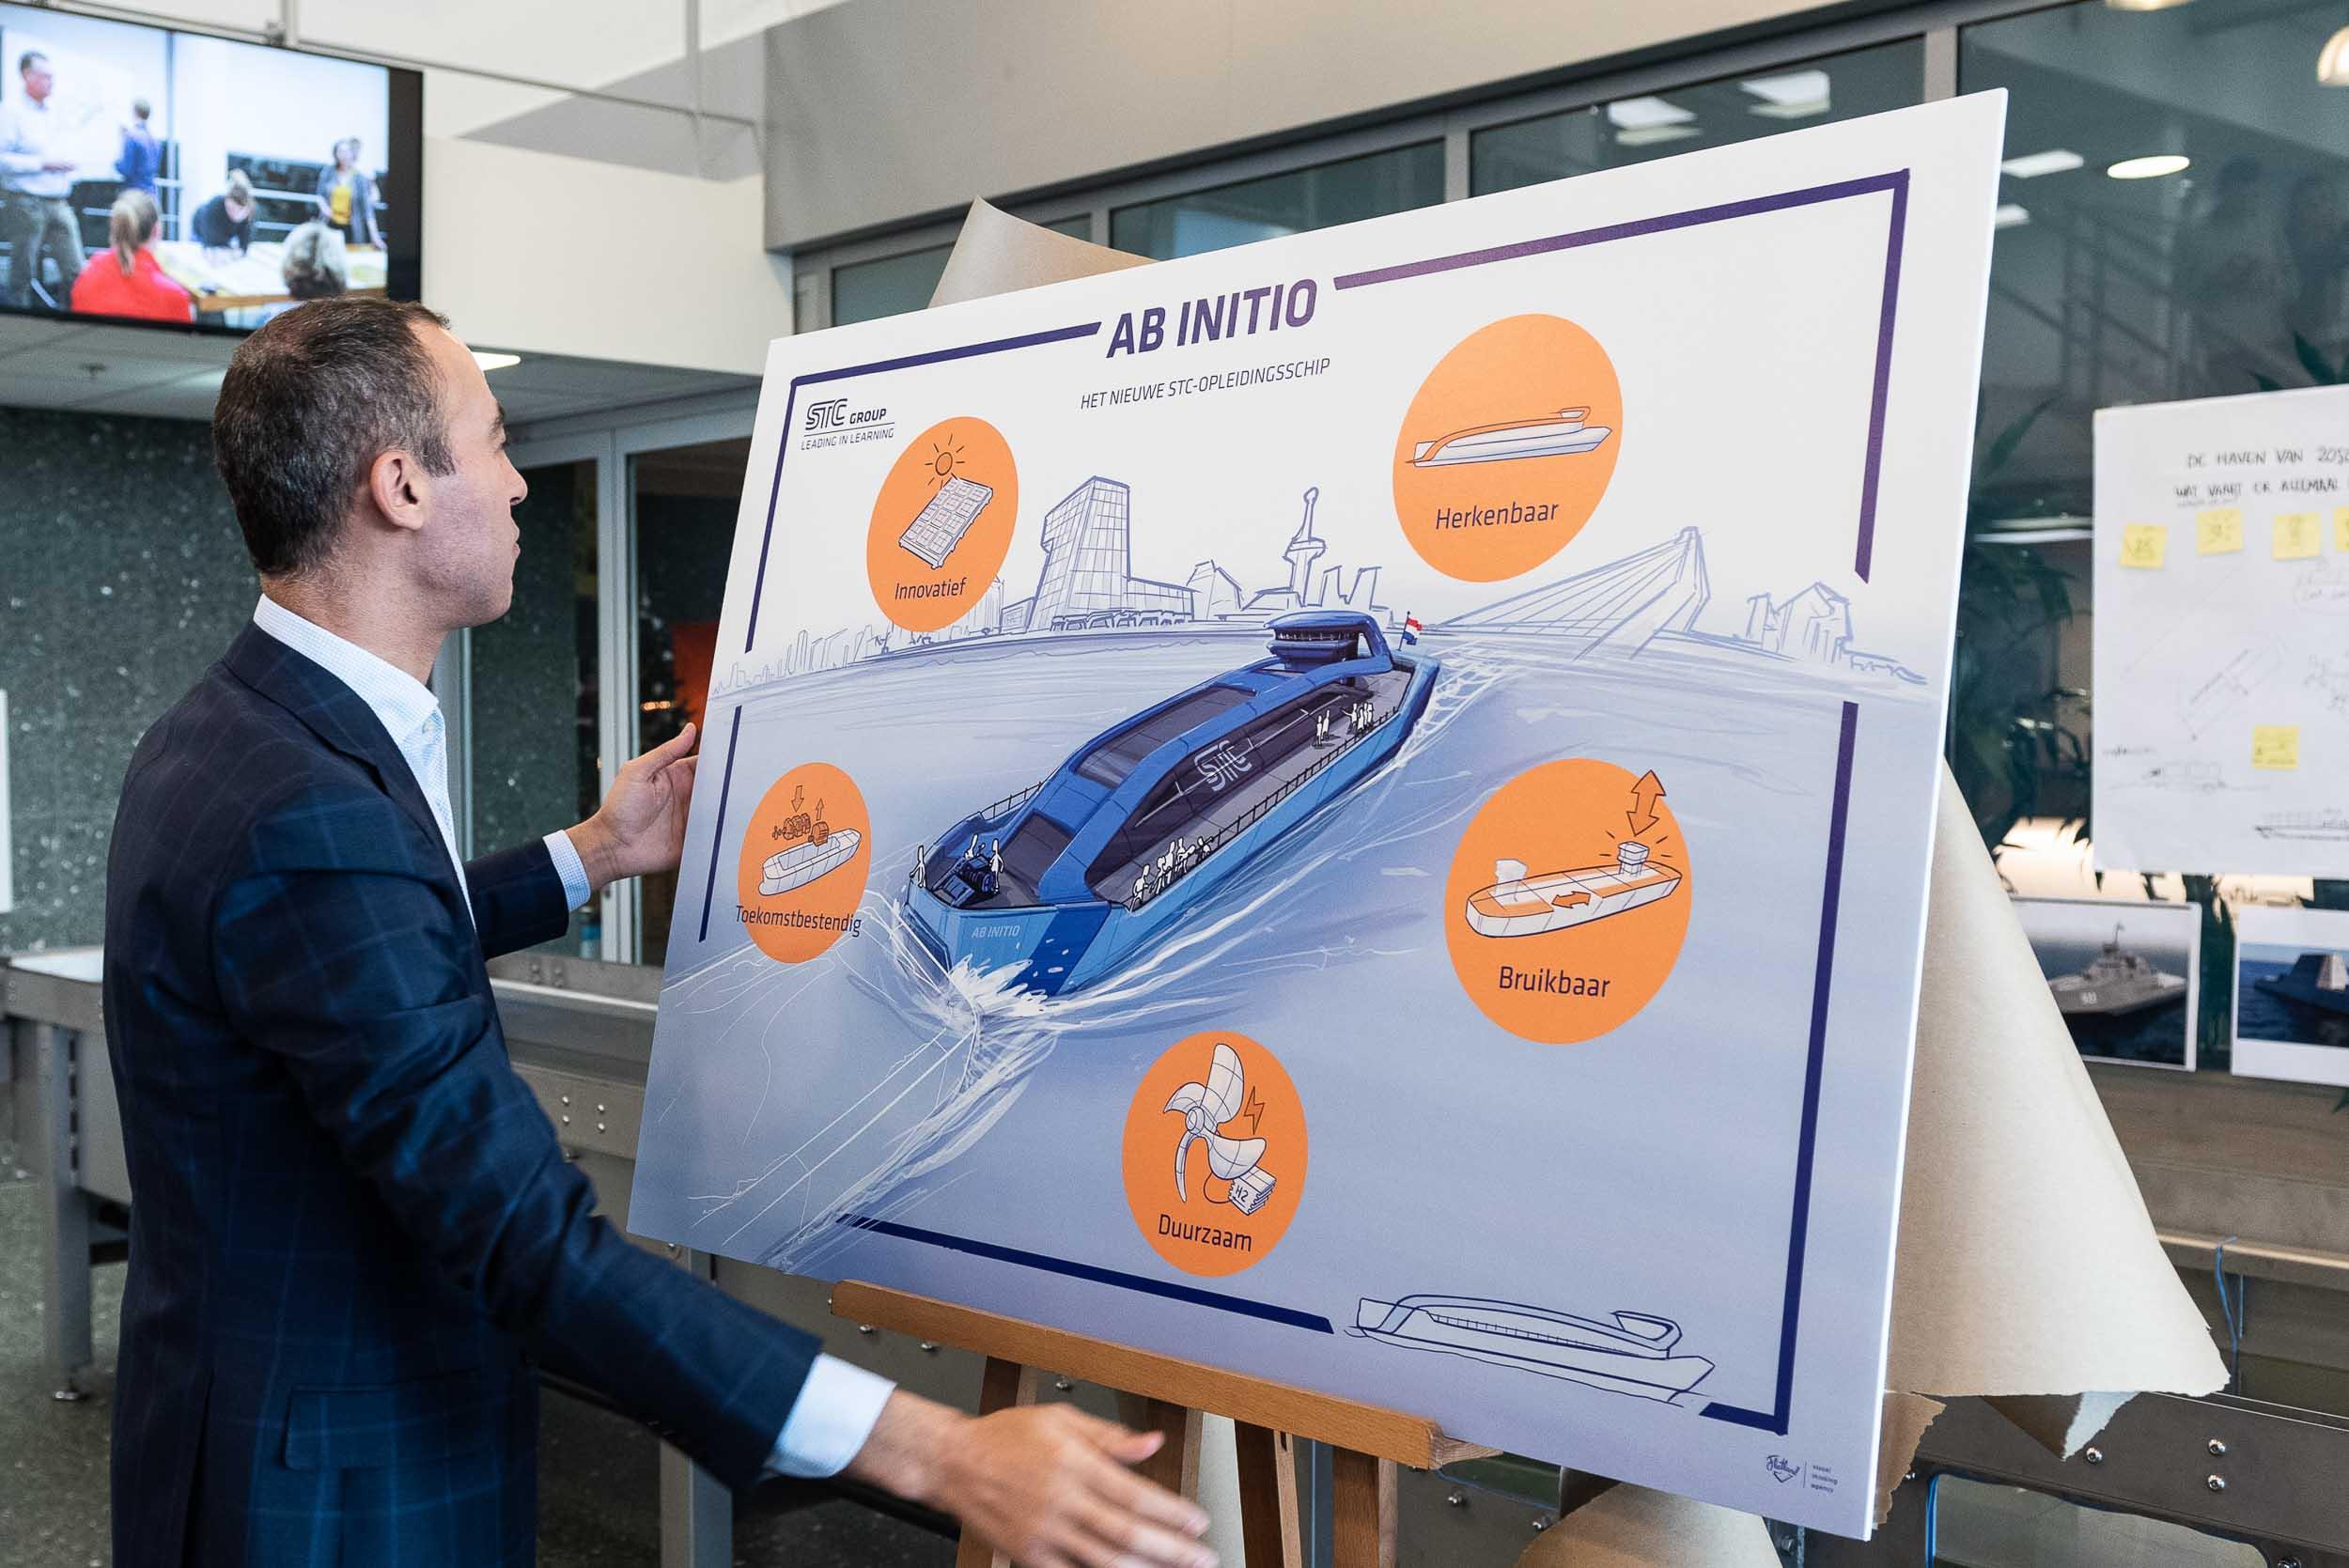 Bedrijfsevent fotoreportage - Wethouder Kasmi onthult het nieuwe opleidingsschip STC-Group